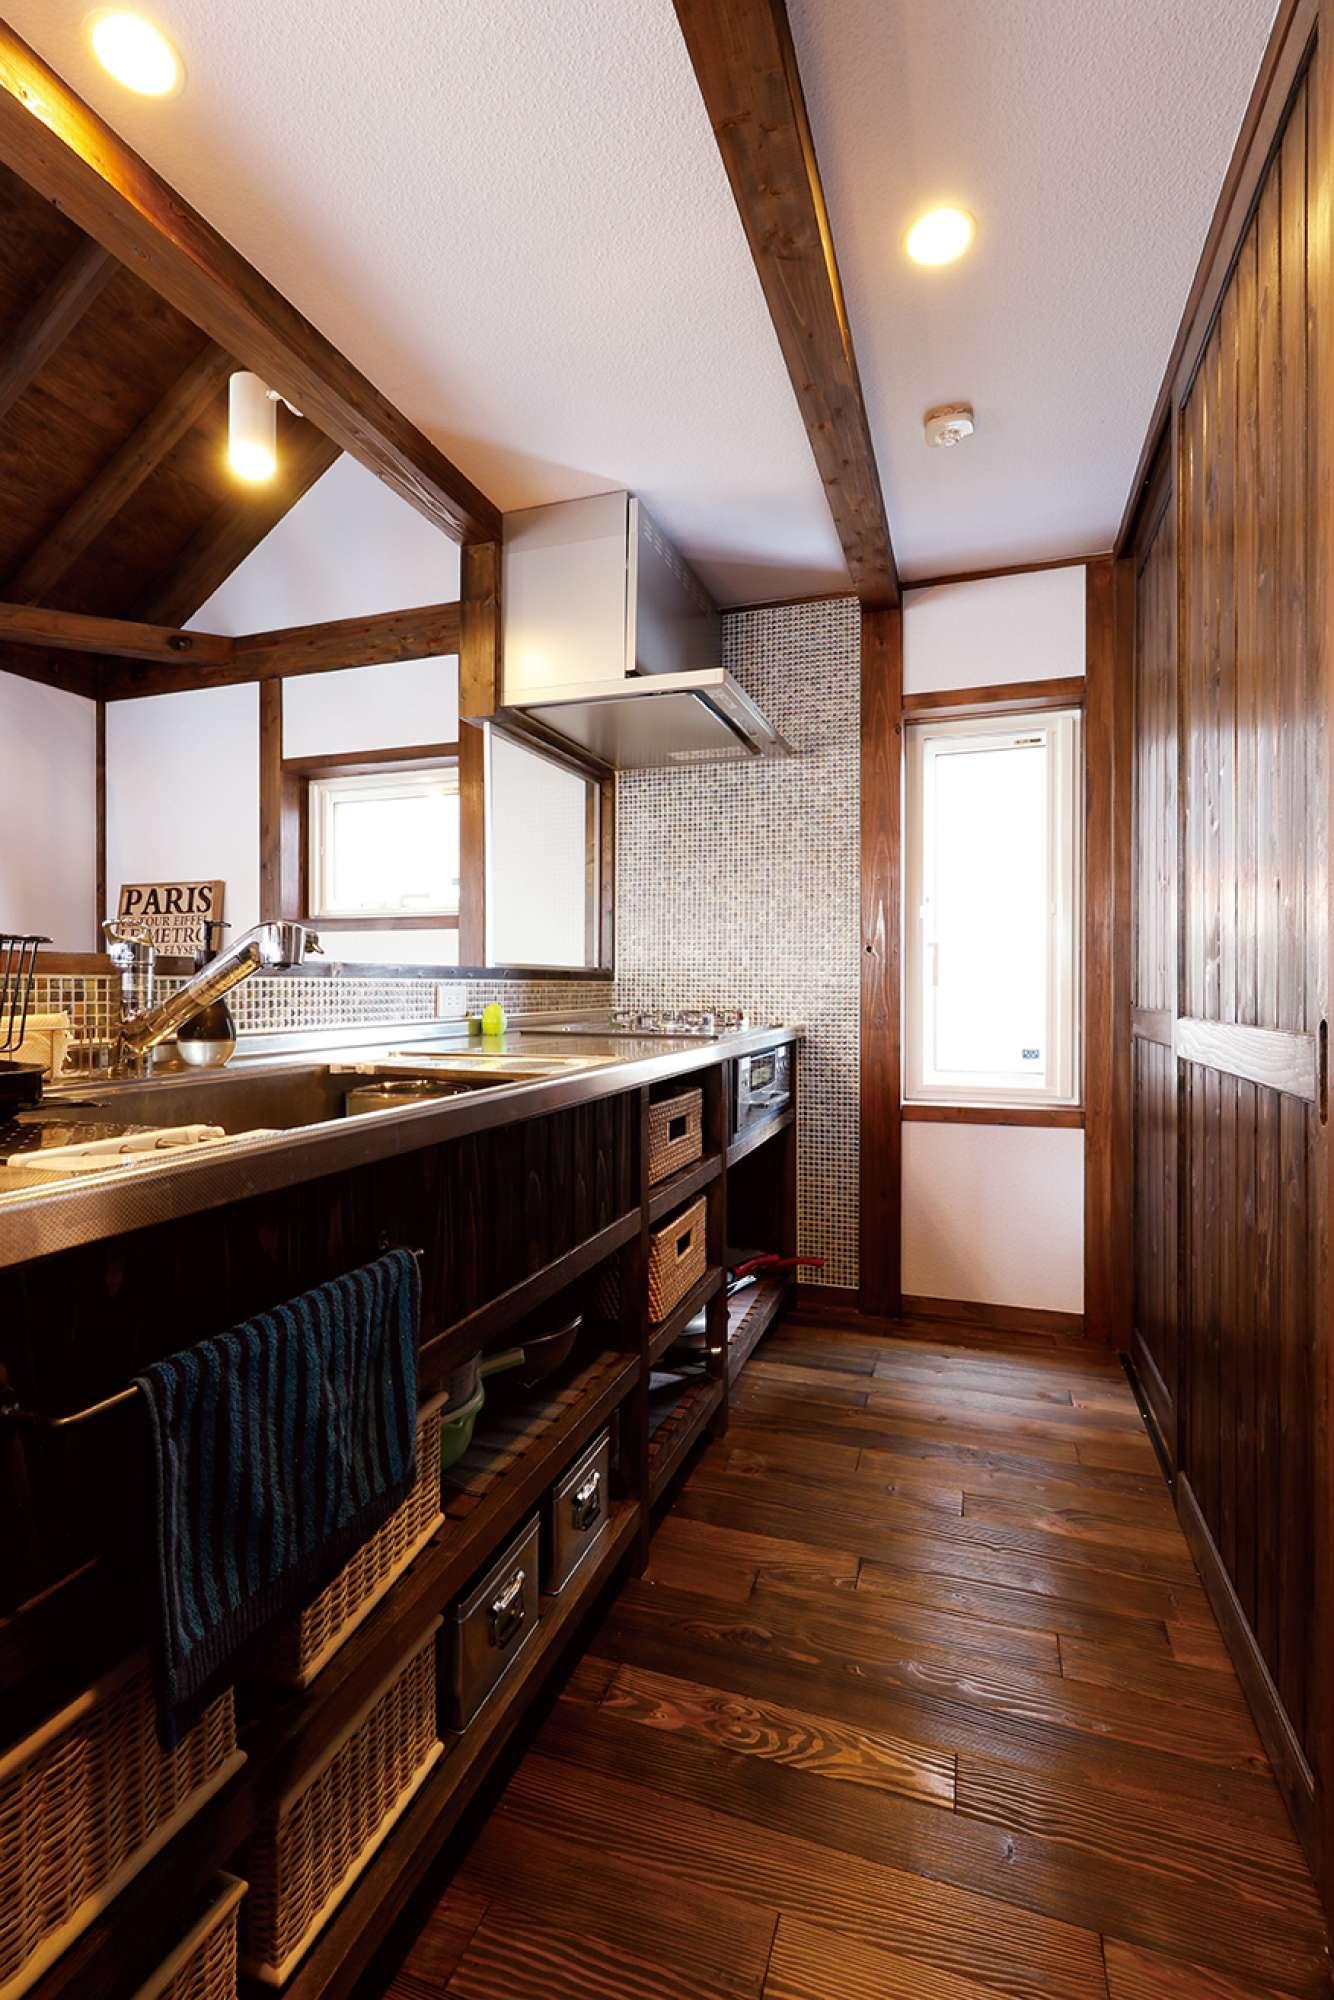 木の風合いが素敵なオリジナルの造作キッチン。右手は食器棚 -  -  -